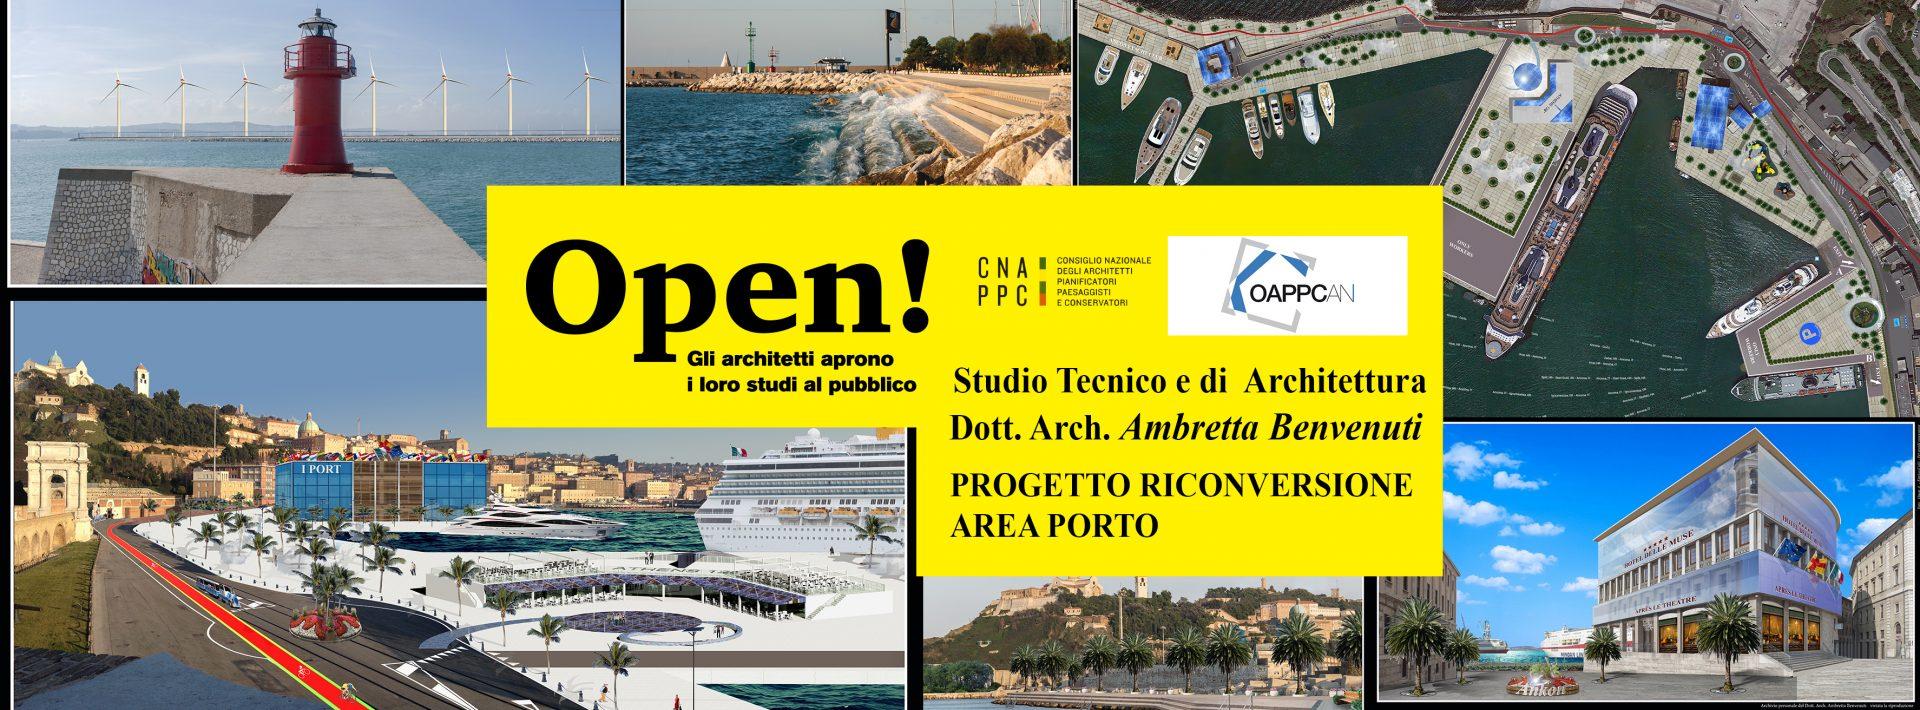 Riconversione Porto di Ancona